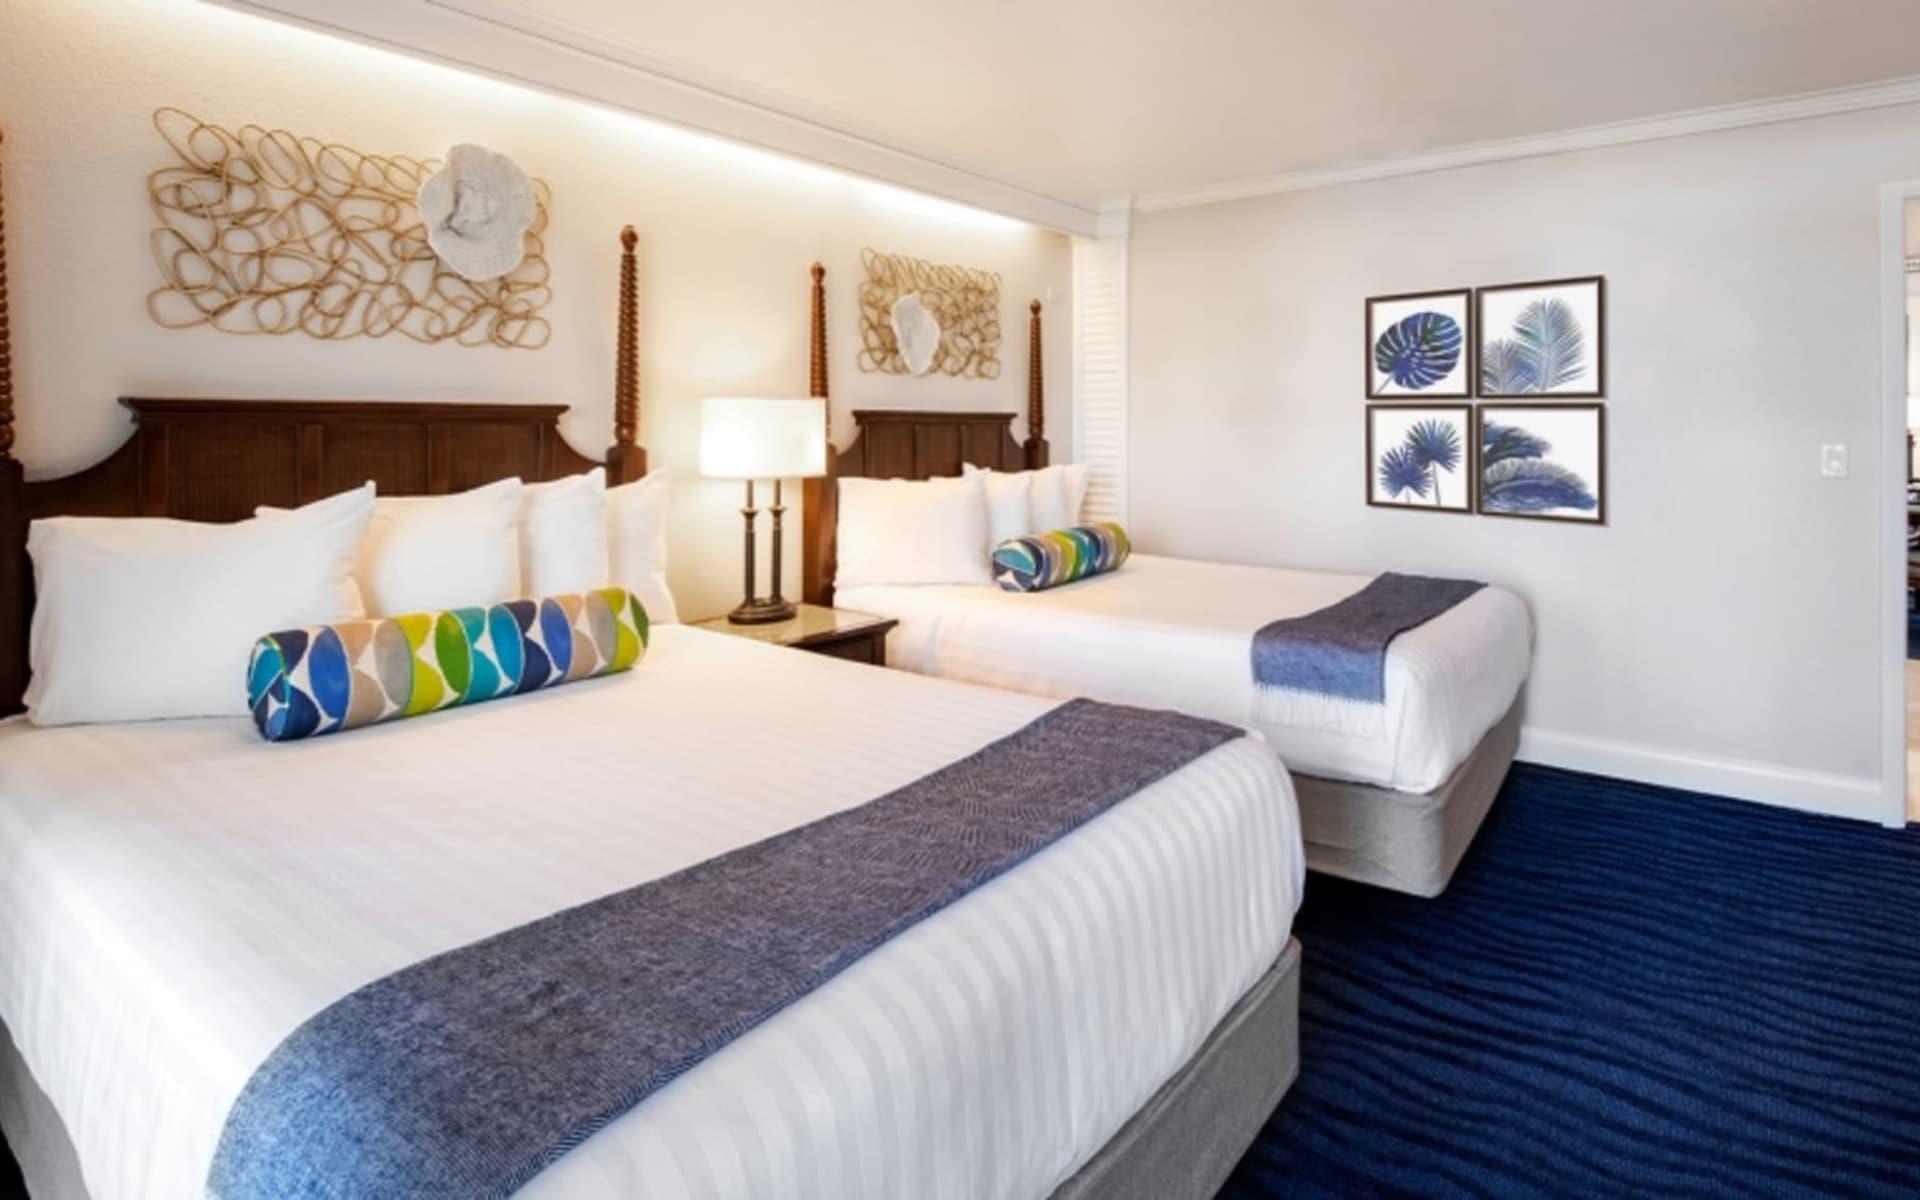 Tradewinds Island Grand Beach Resort in St. Pete Beach:  1543523639_ig_bedroom_lo